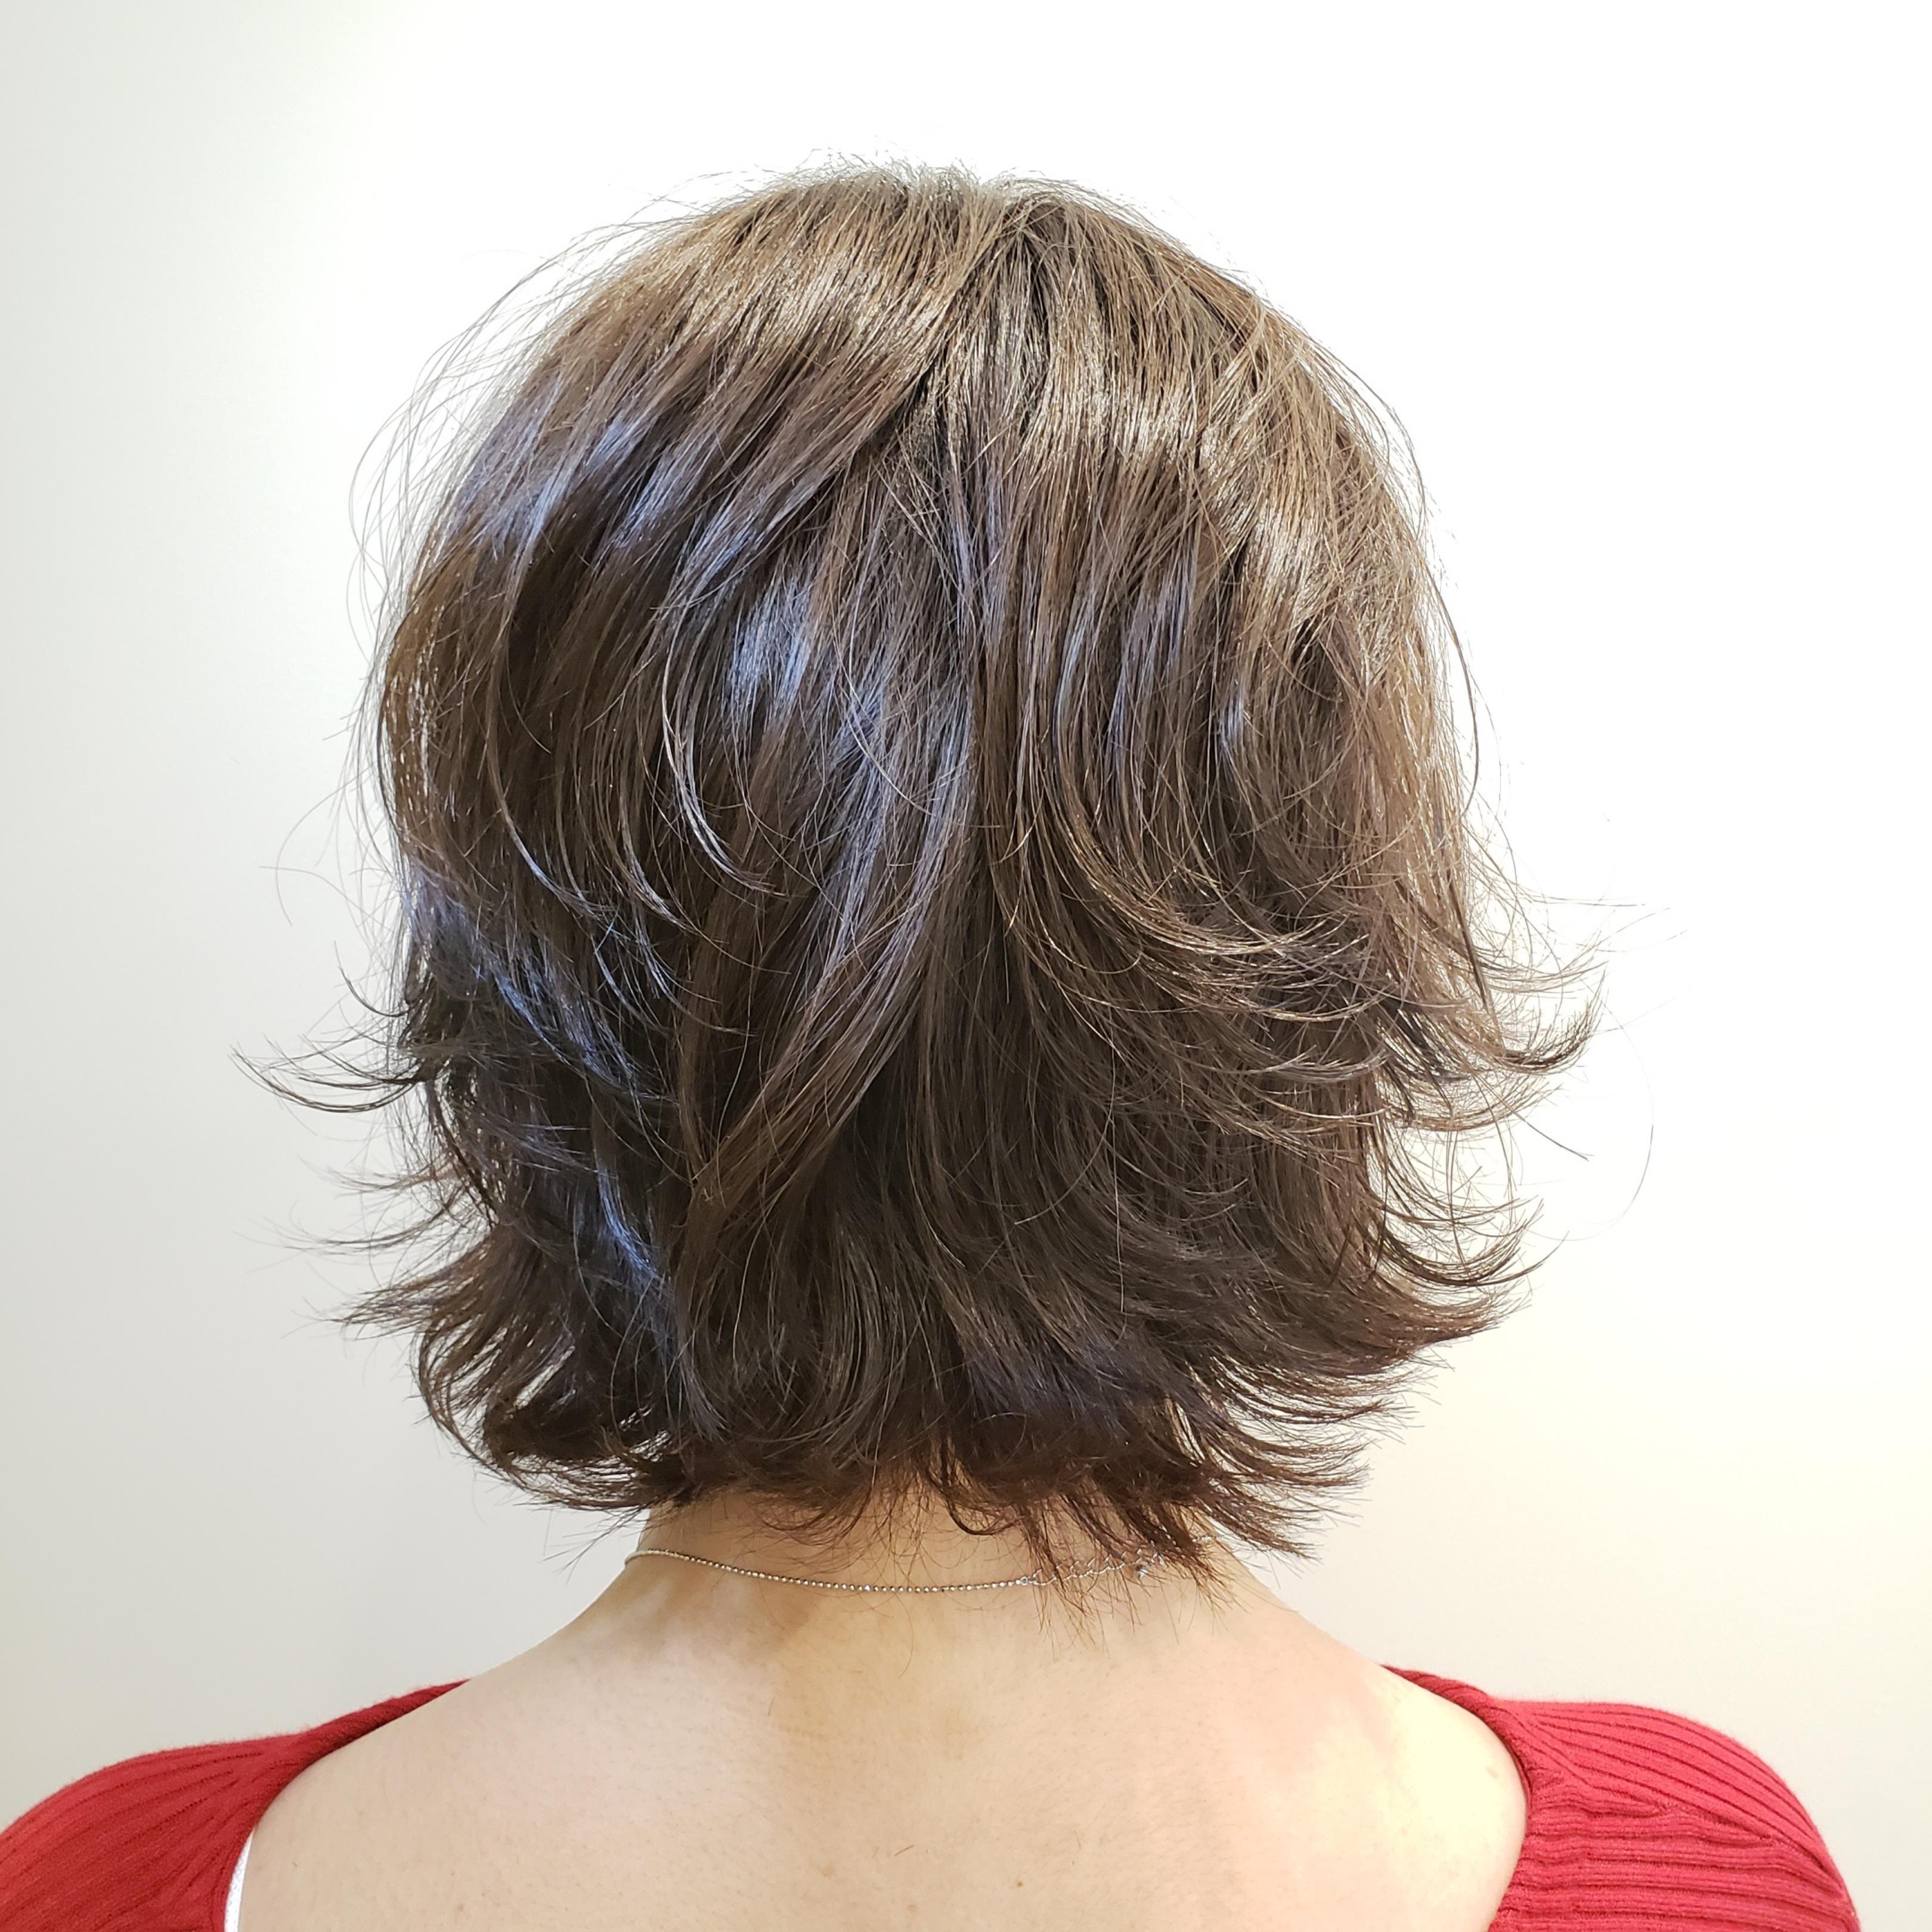 直毛とクセ毛の違い、クセ毛を生かして乾かすだけで再現しやすく